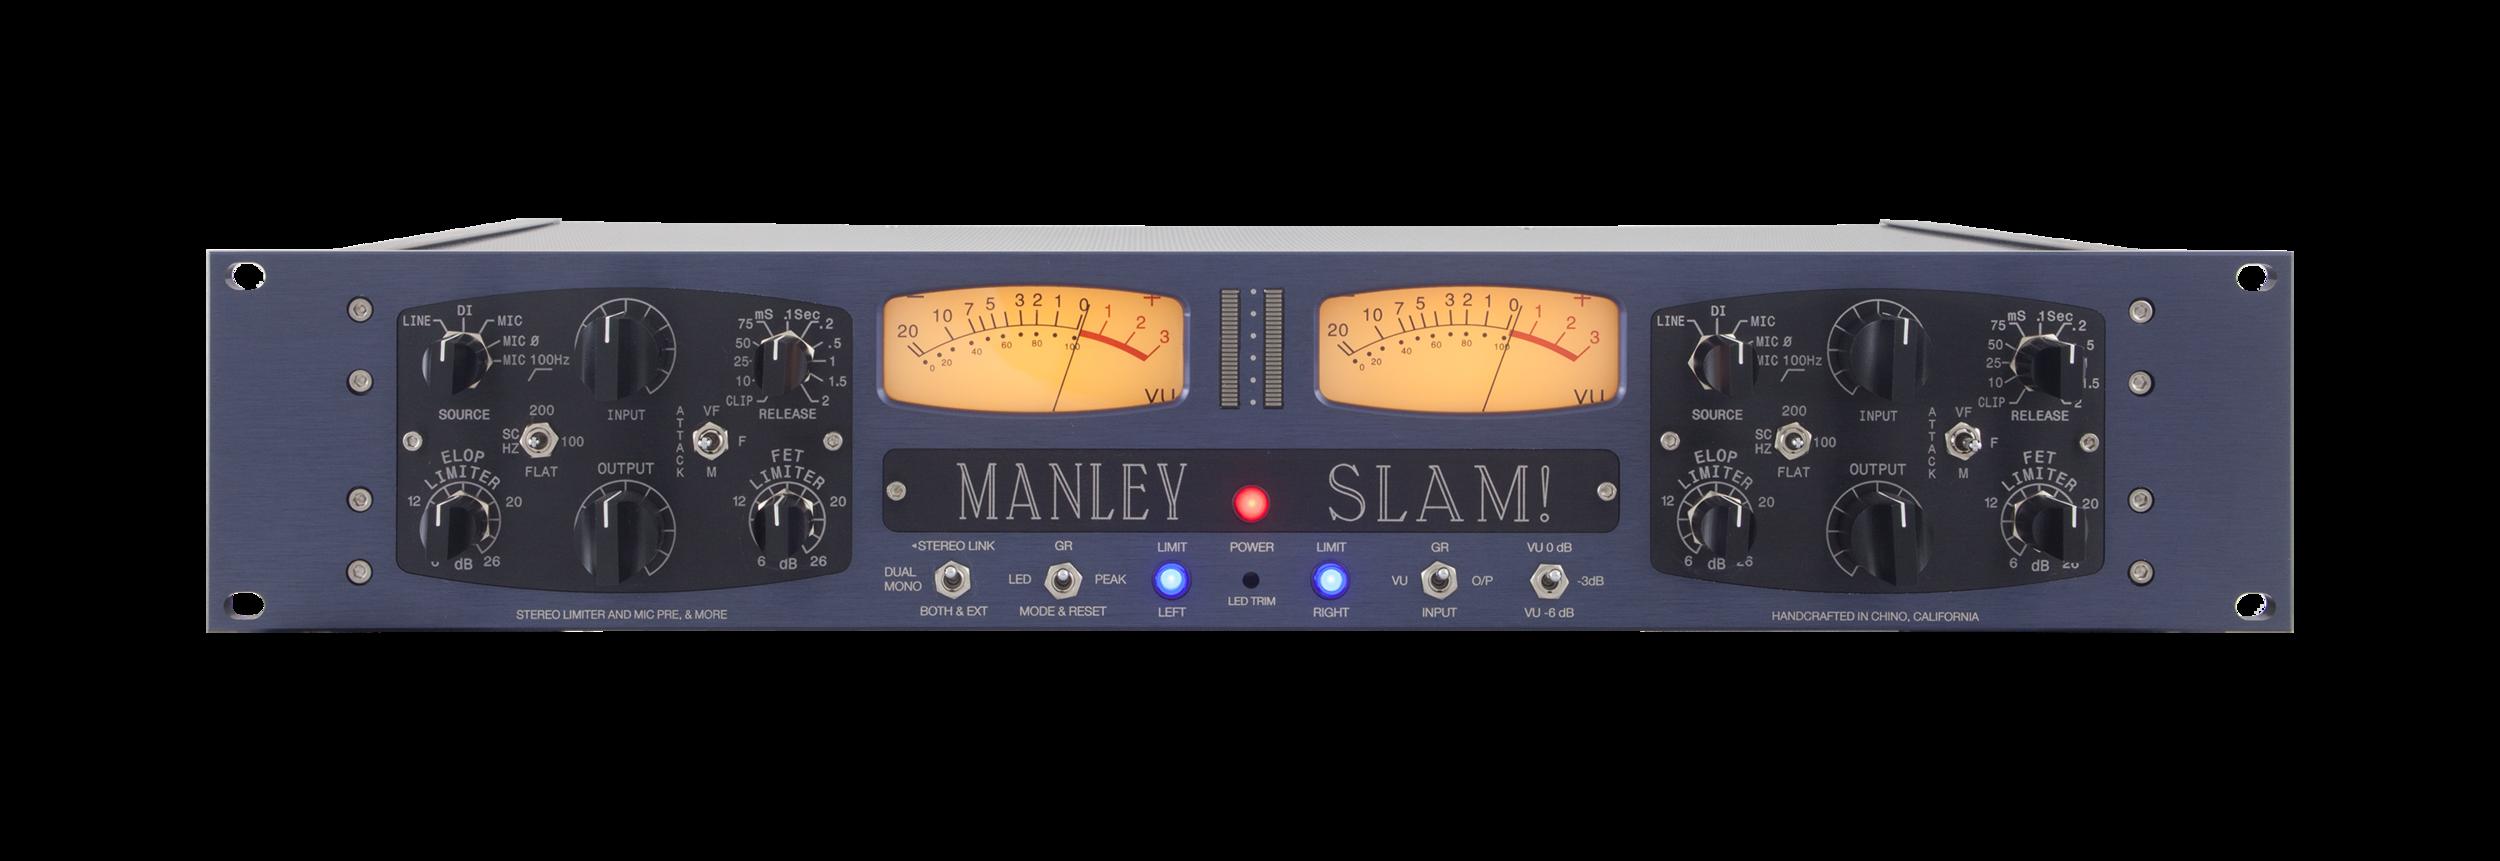 Manley SLAM image1